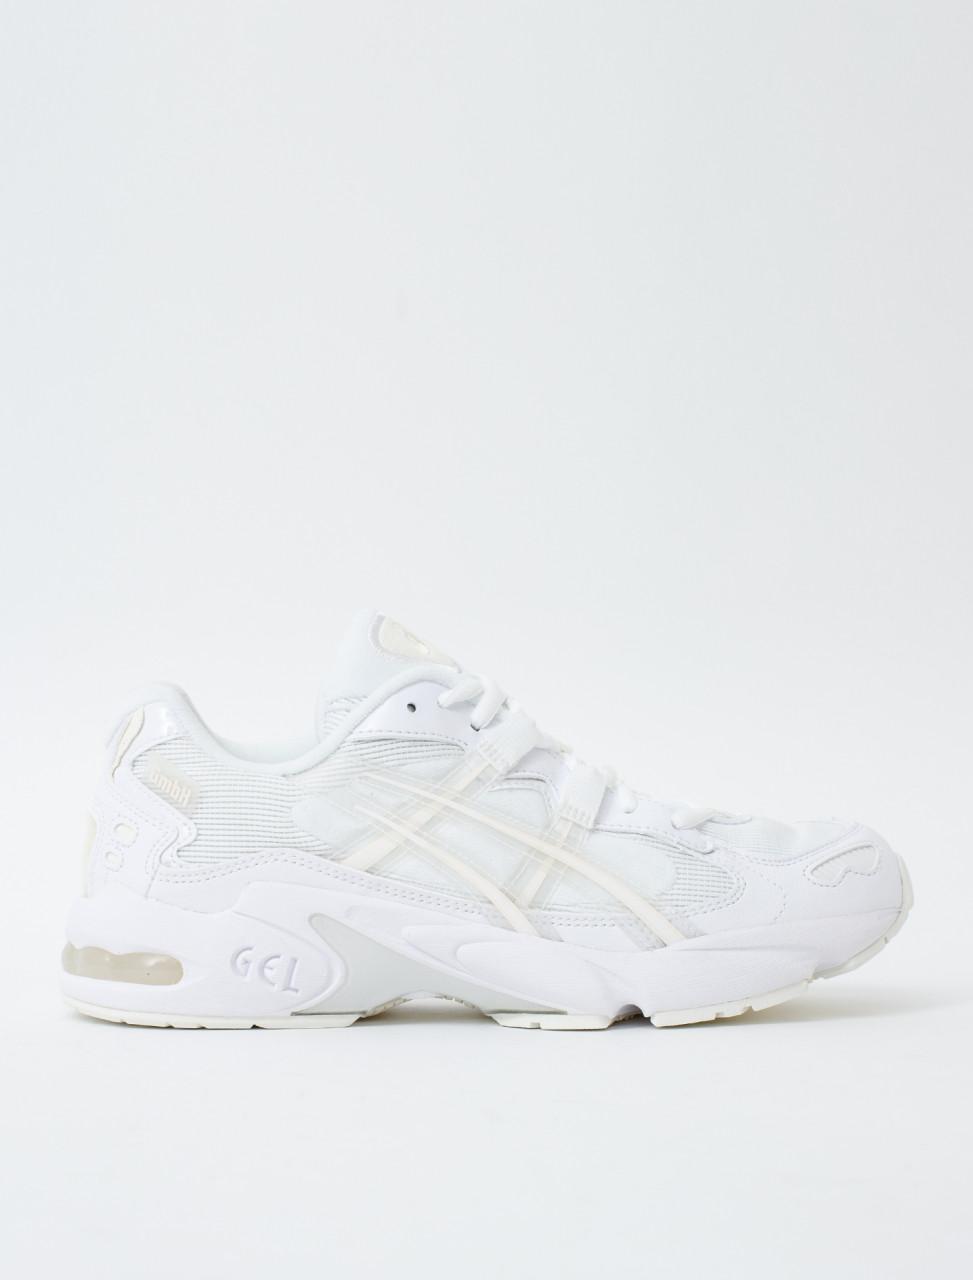 Asics Gel Kayano 5 OG Sneaker White